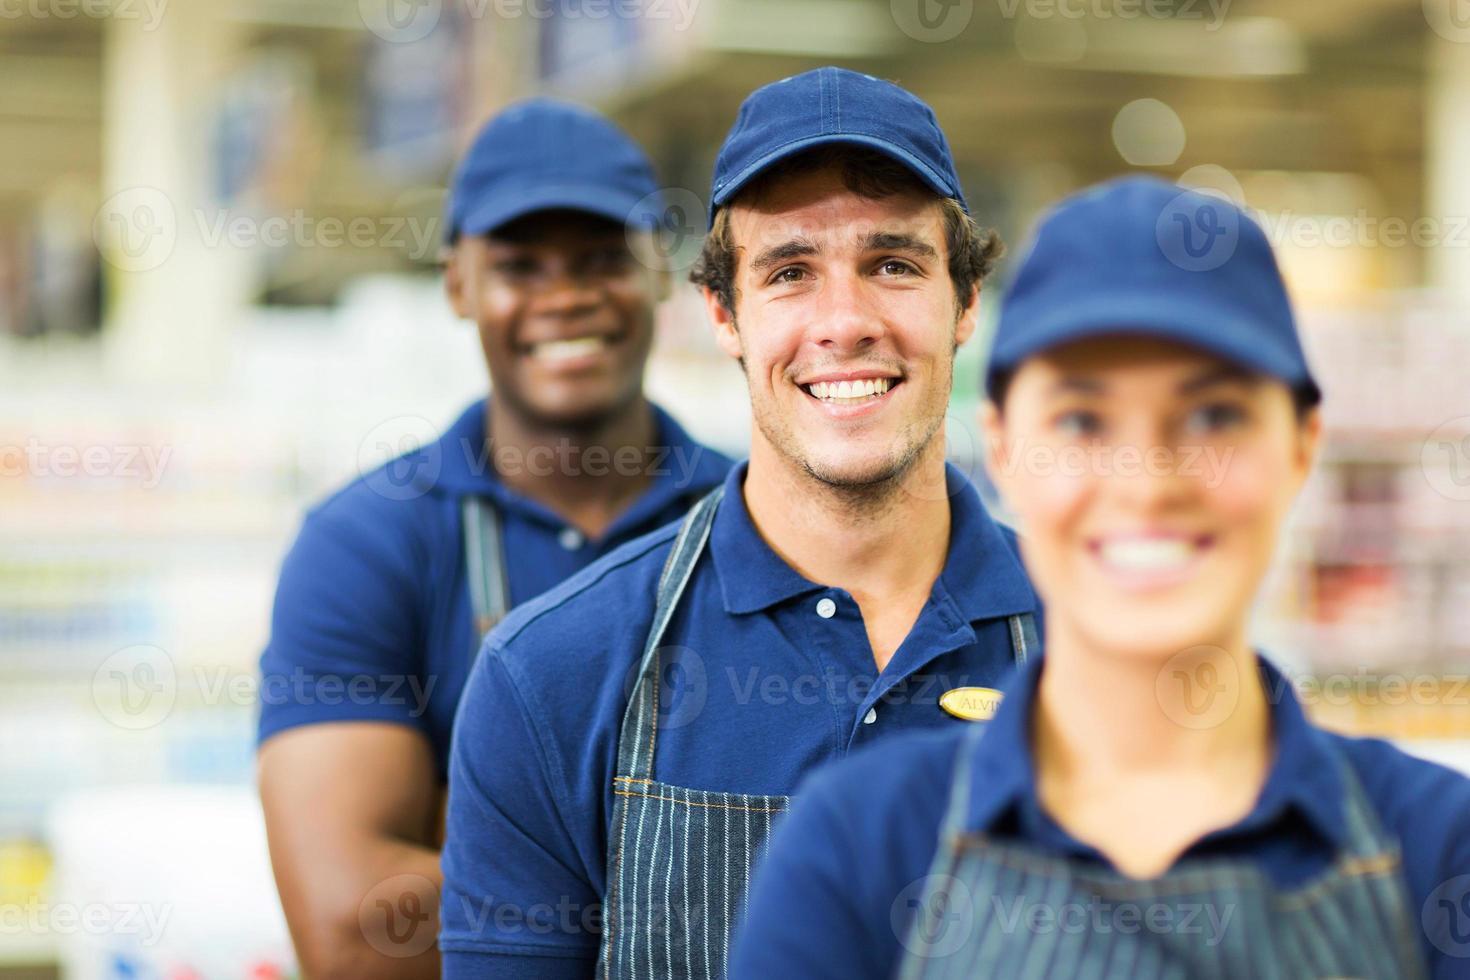 groep van supermarktmedewerkers foto